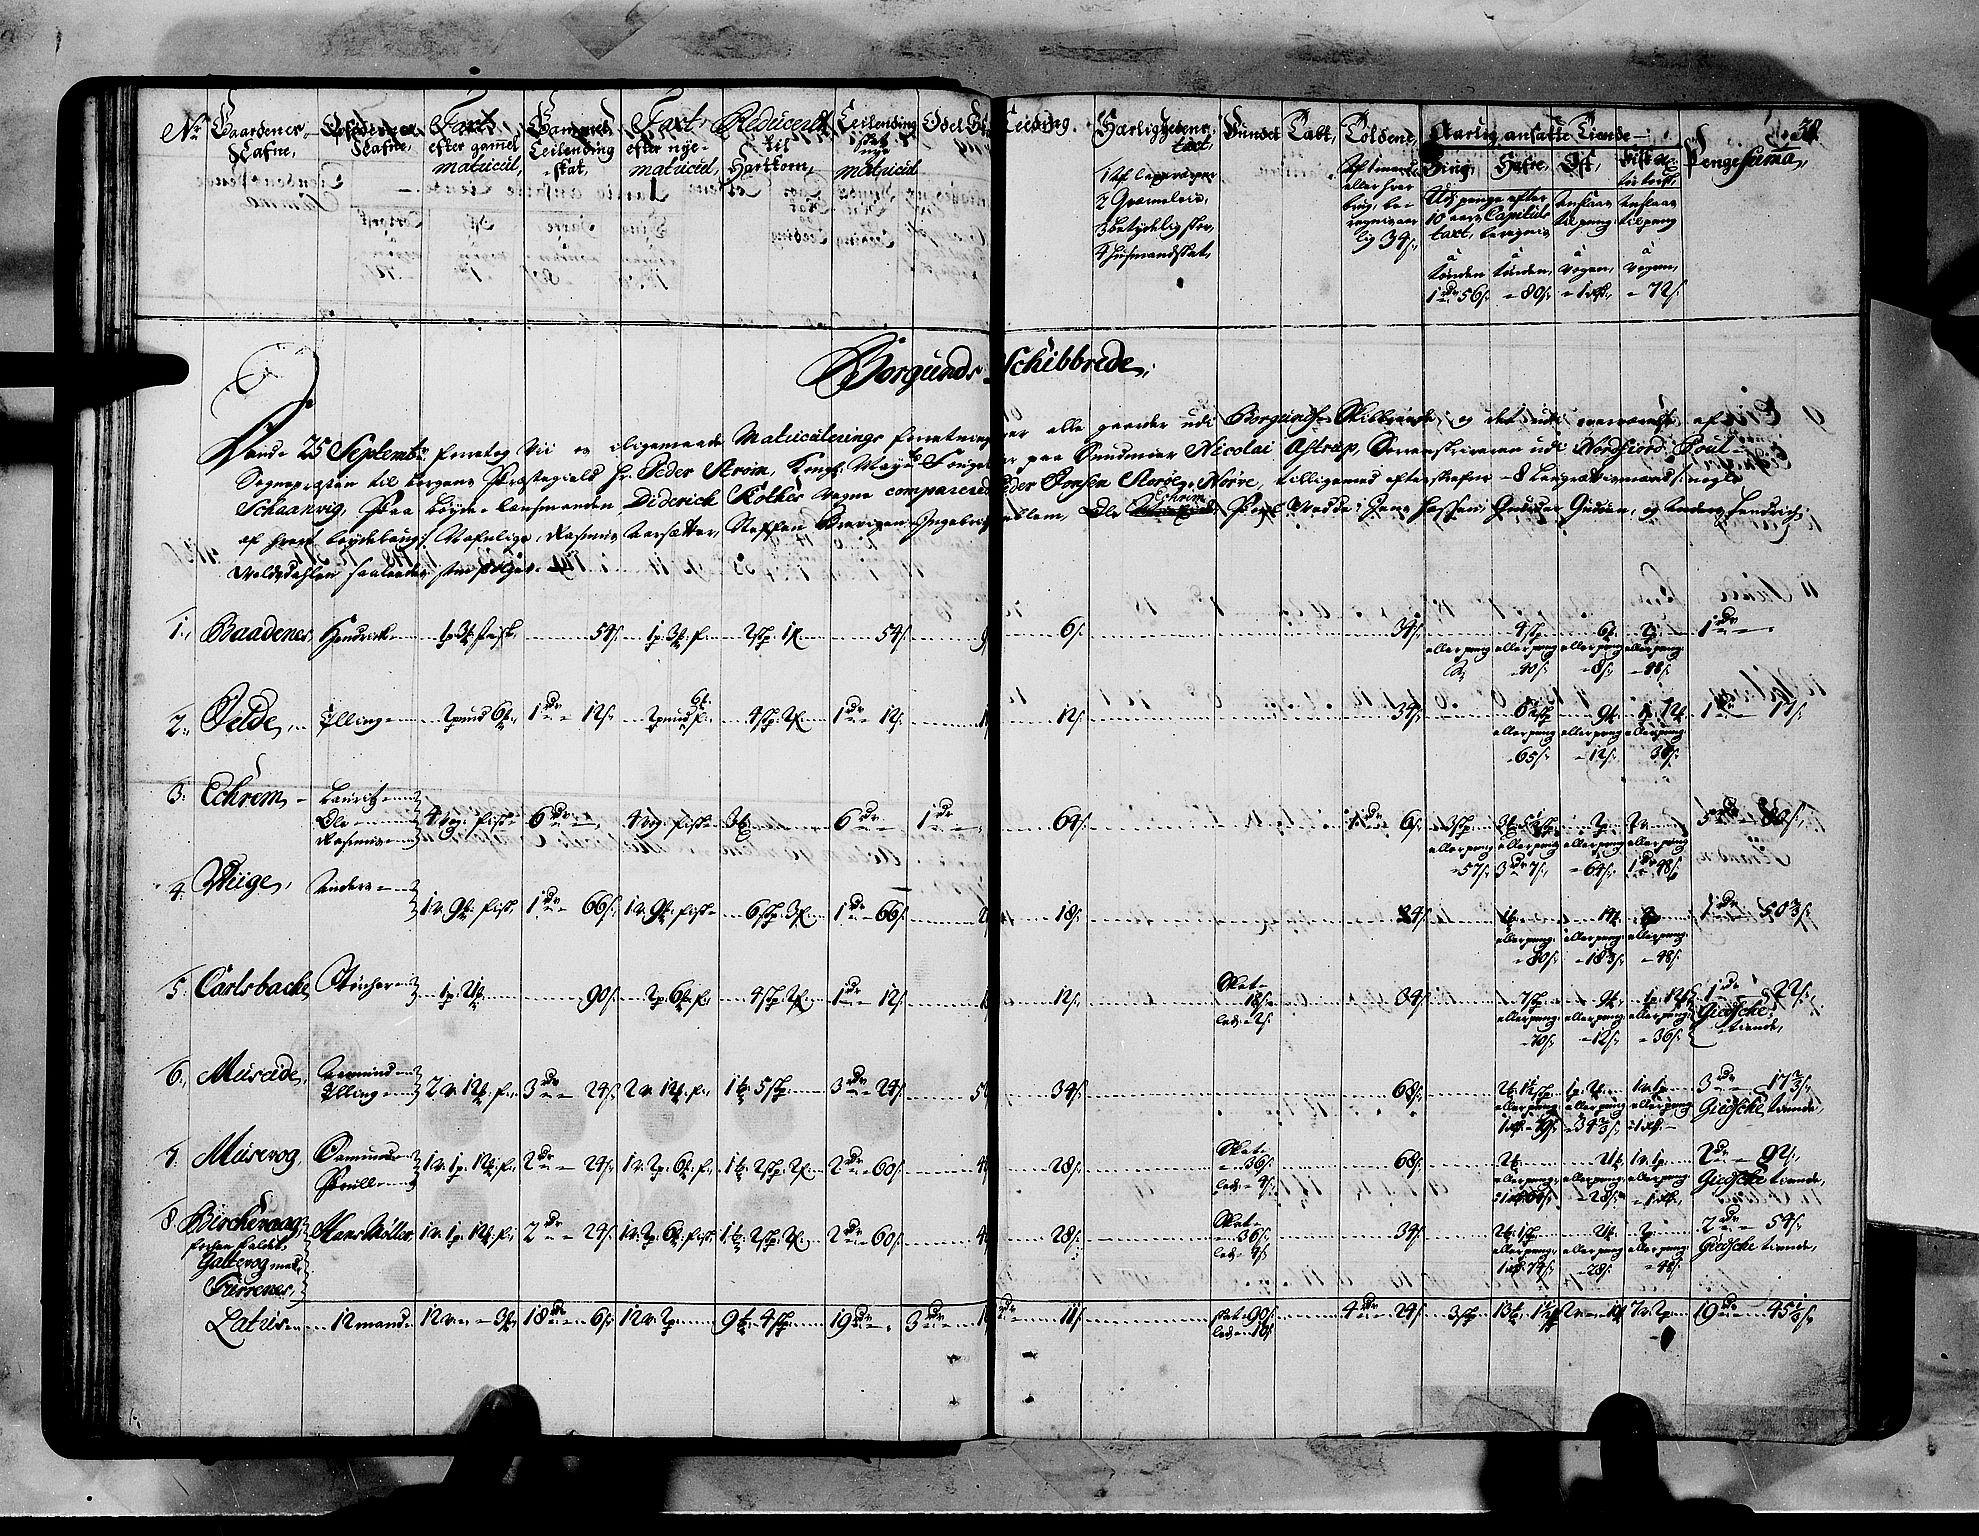 RA, Rentekammeret inntil 1814, Realistisk ordnet avdeling, N/Nb/Nbf/L0151: Sunnmøre matrikkelprotokoll, 1724, s. 37b-38a